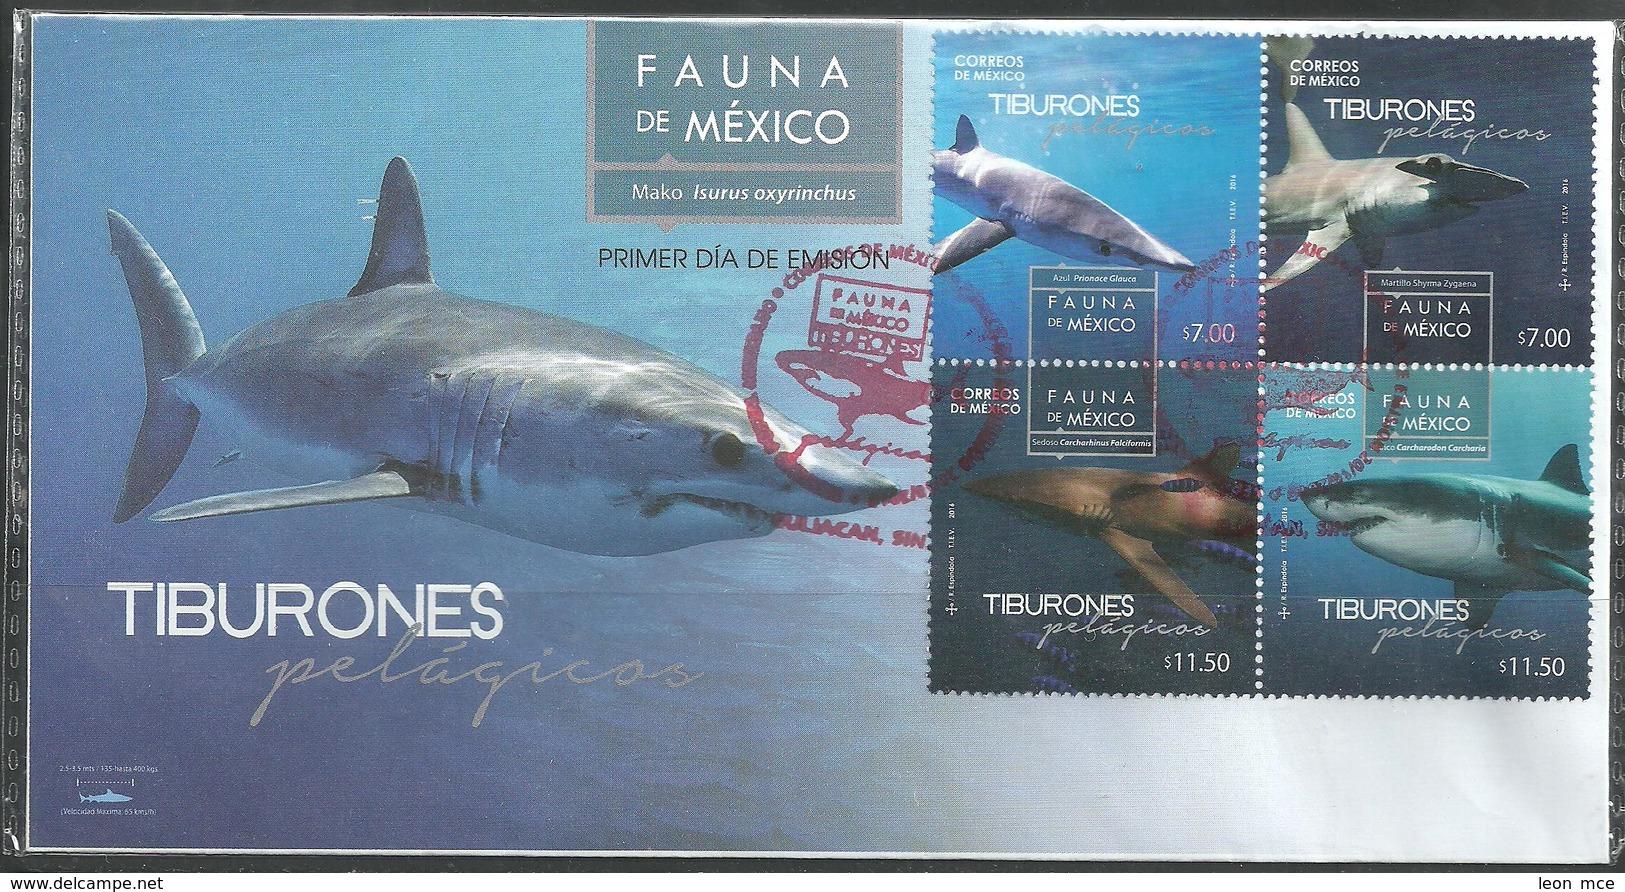 2016 FDC  Fauna De México, Tiburones Pelágicos SOBRE PRIMER DÍA DE EMISIÓN, FDC SHARKS IN MEXICO, MARINE LIFE - Messico